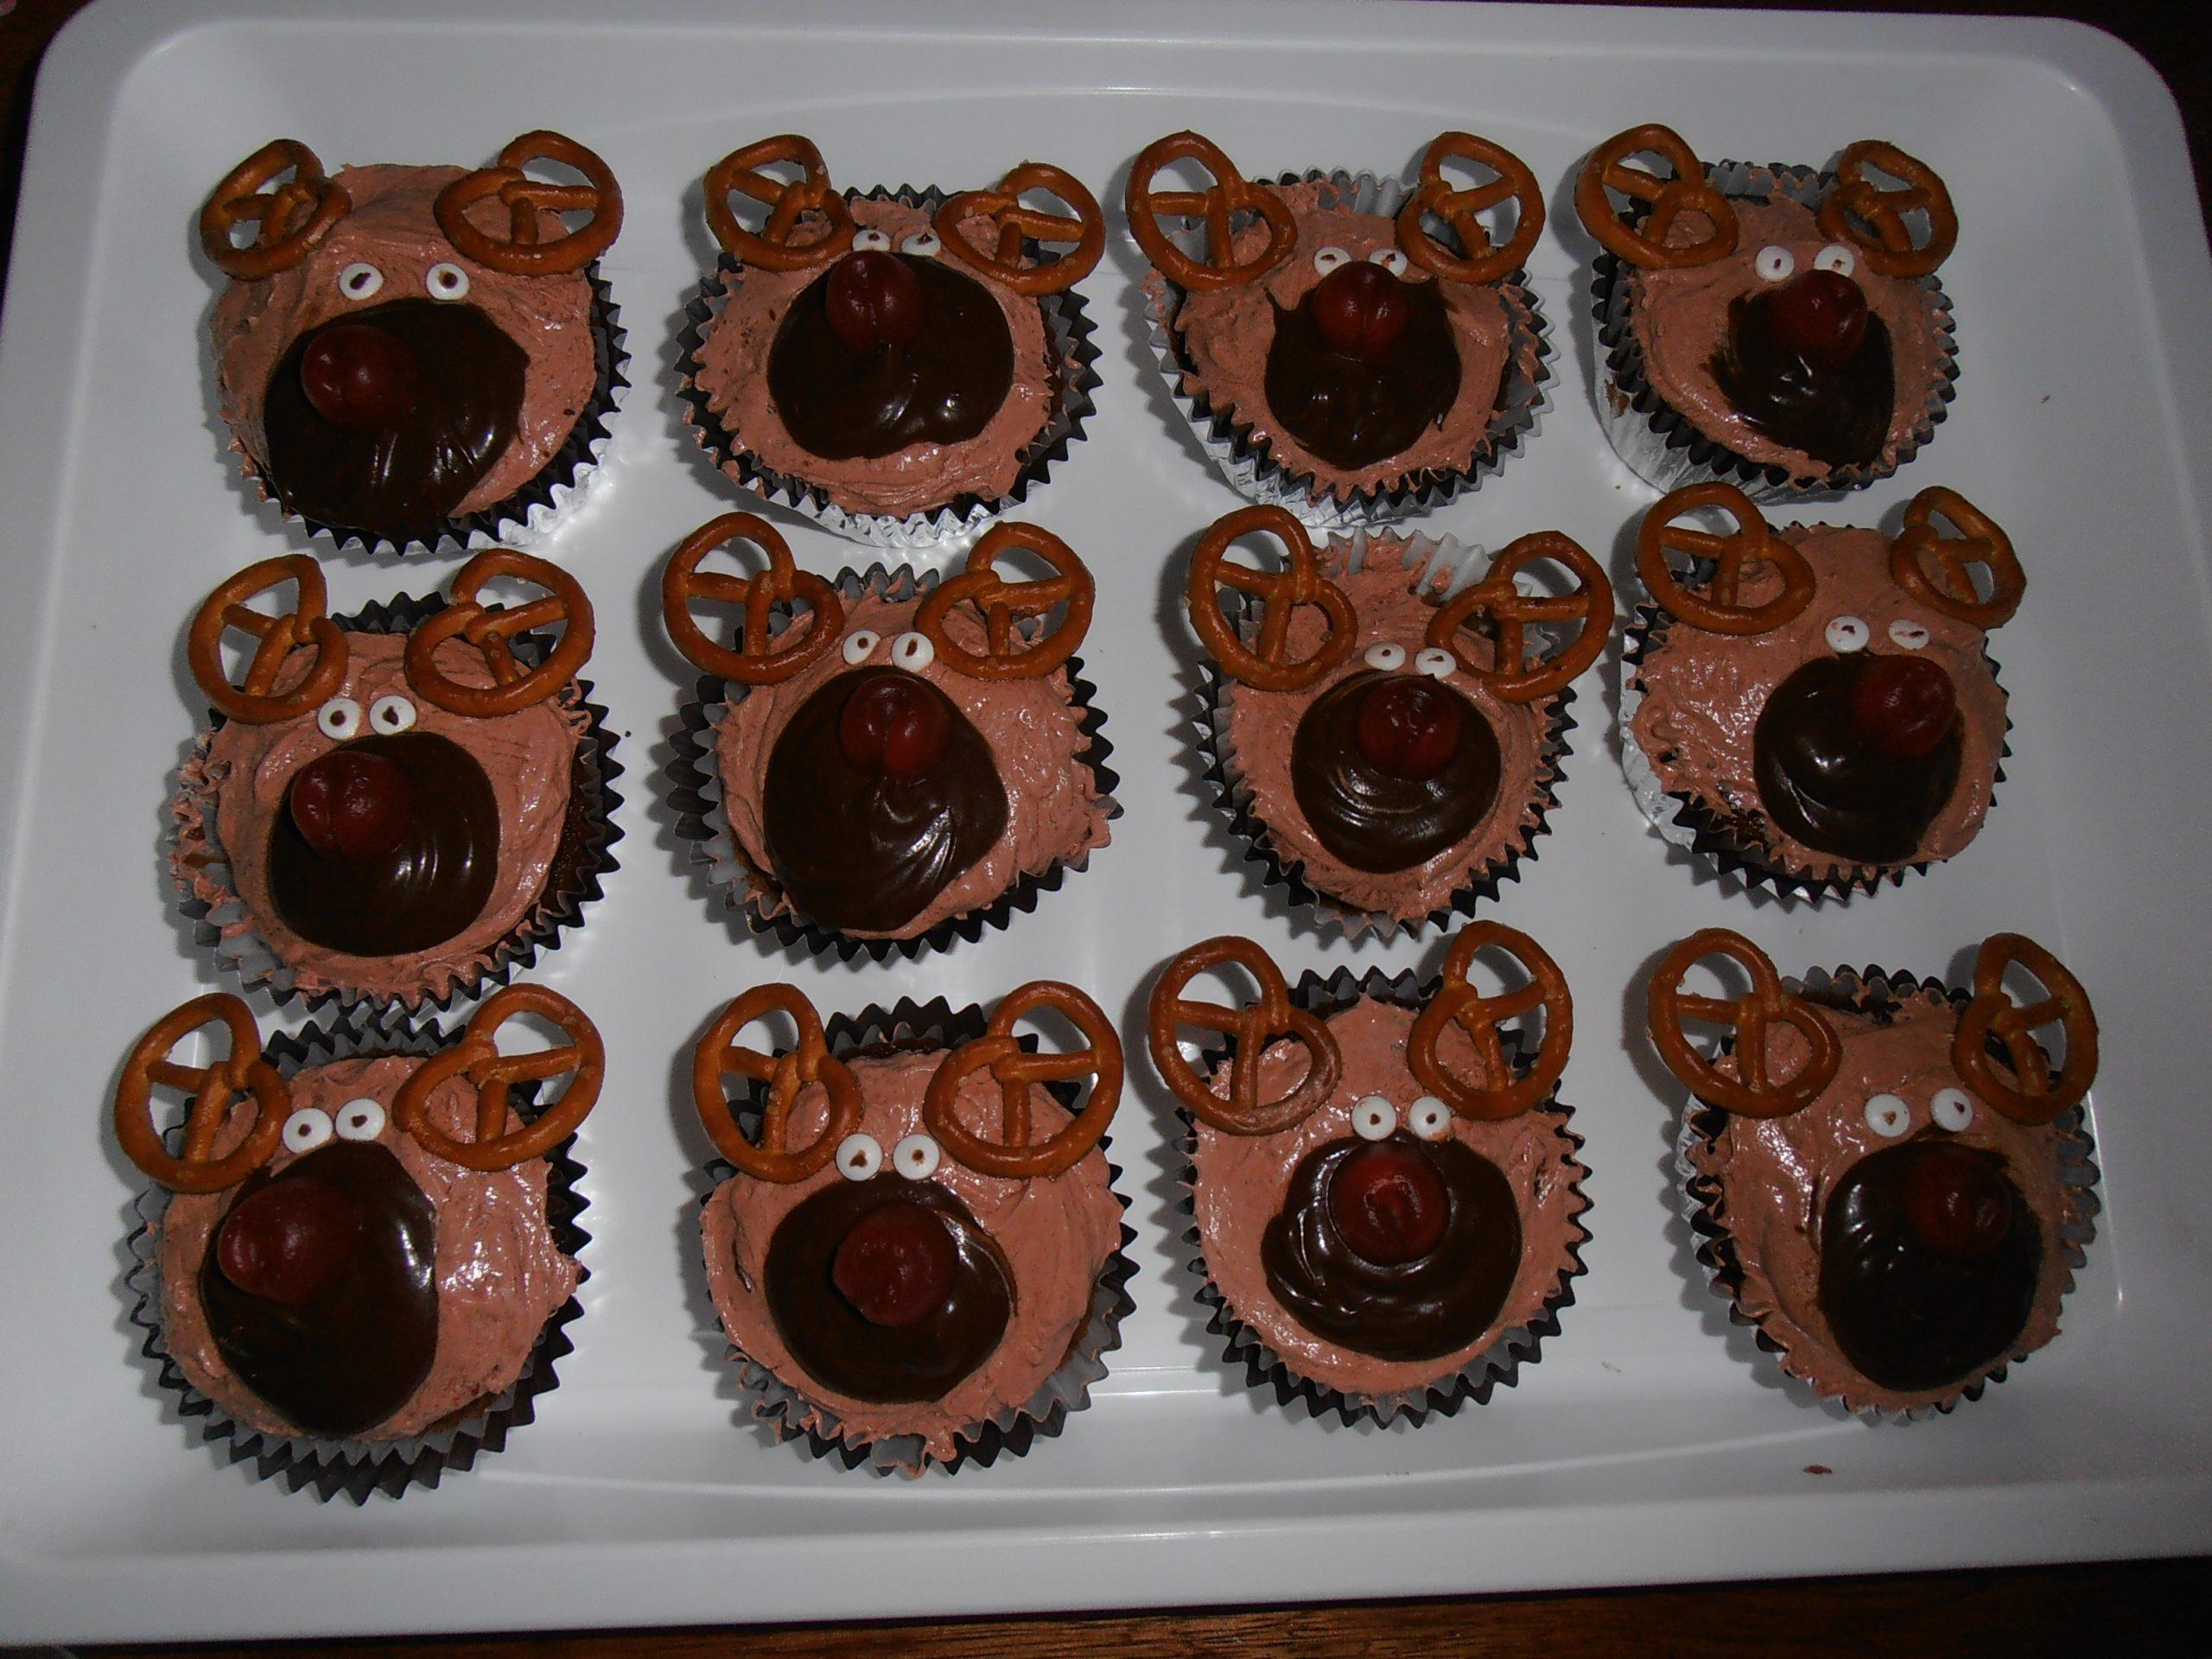 de meest schattige kerstcupcakes ever maken